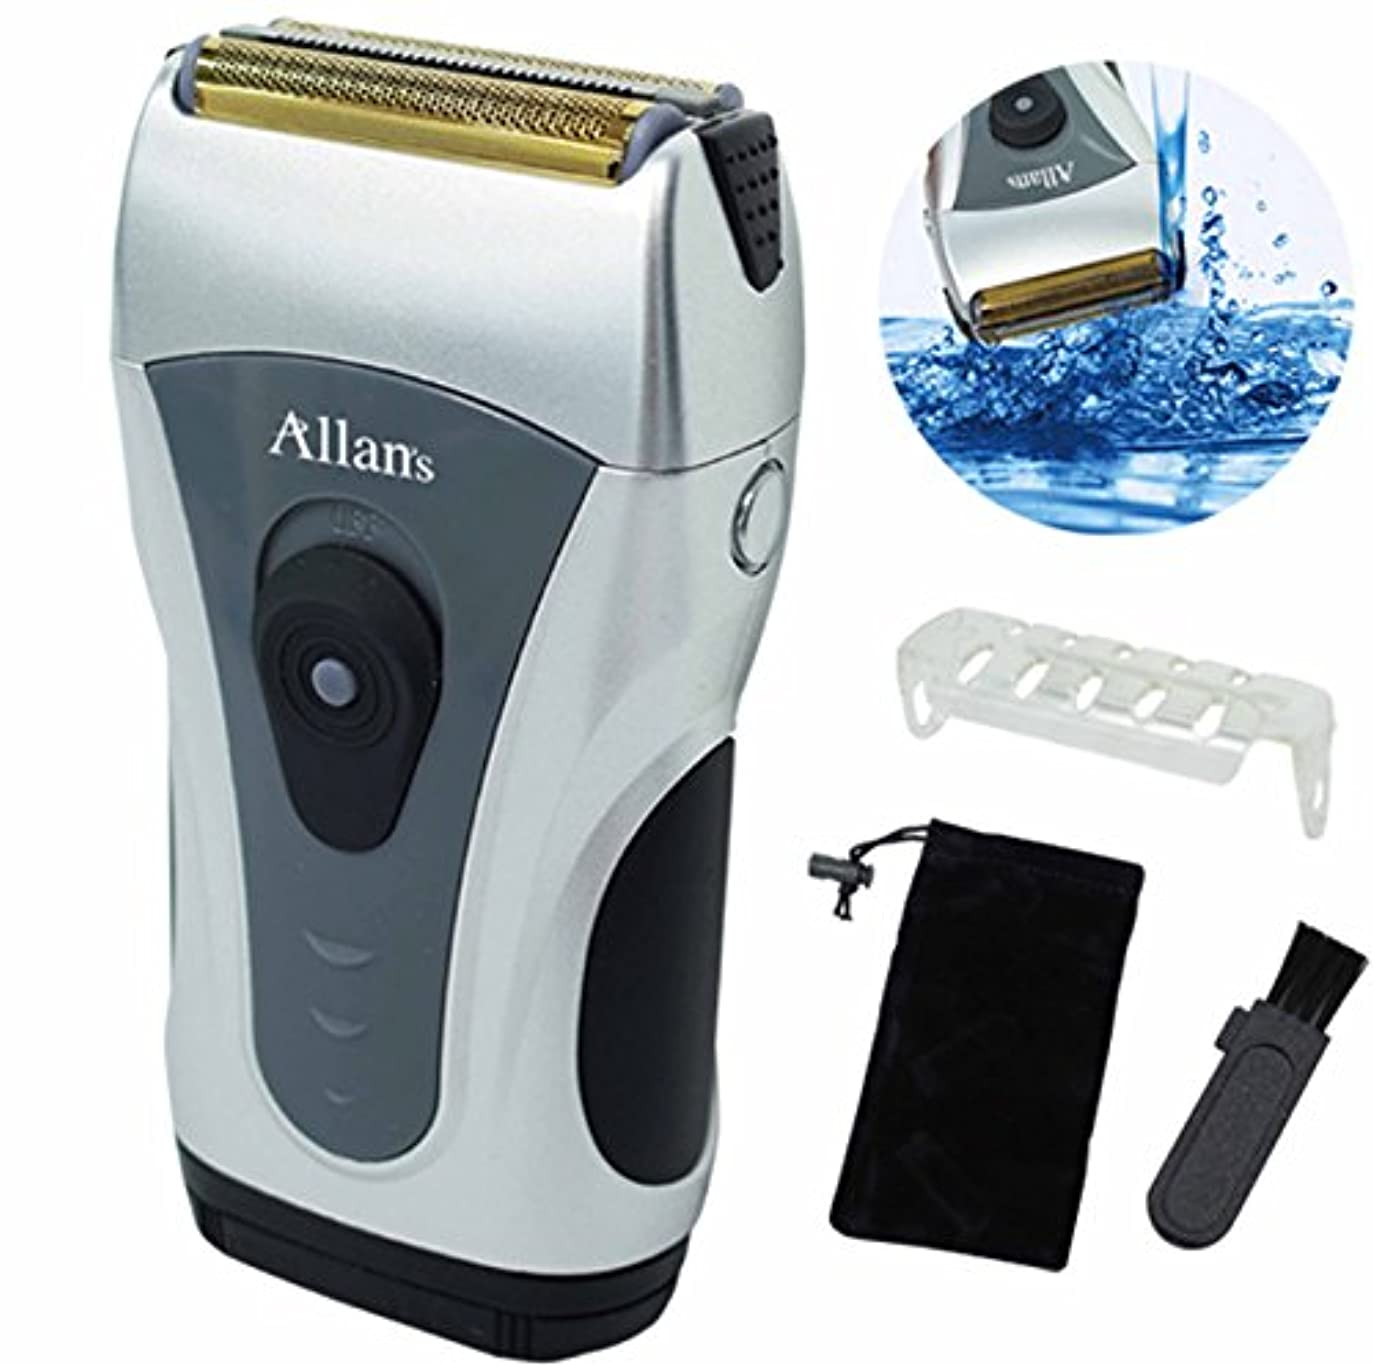 イチゴ写真を撮る降雨Allans 携帯 電池 式 電動 髭剃り 水洗い ウォッシャブル メンズ シェーバー コンパクト MEBM-29